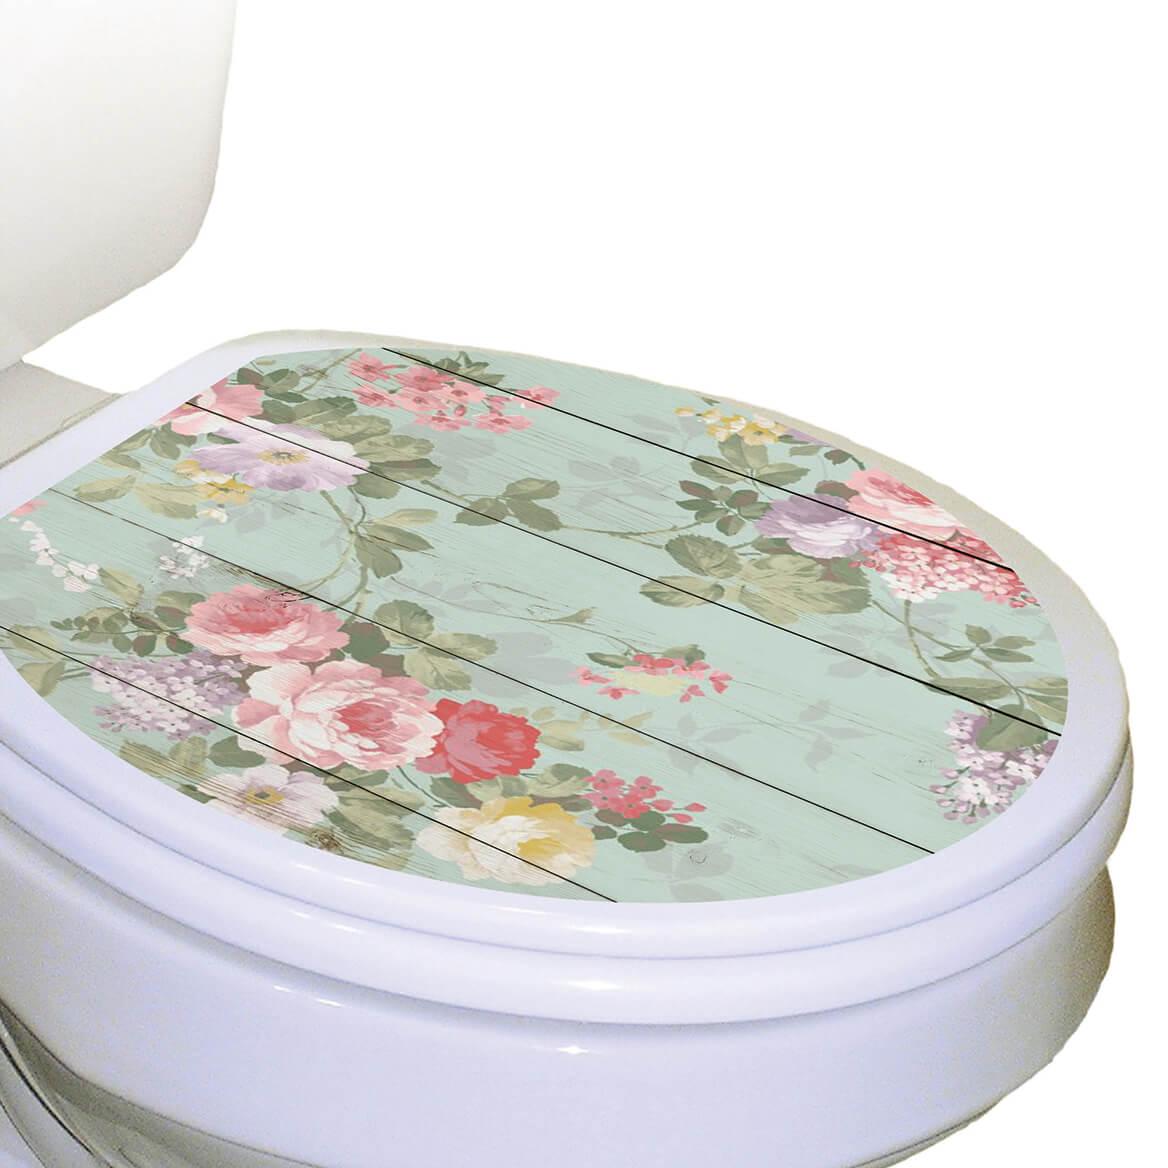 MK Toilet Tattoos-364650